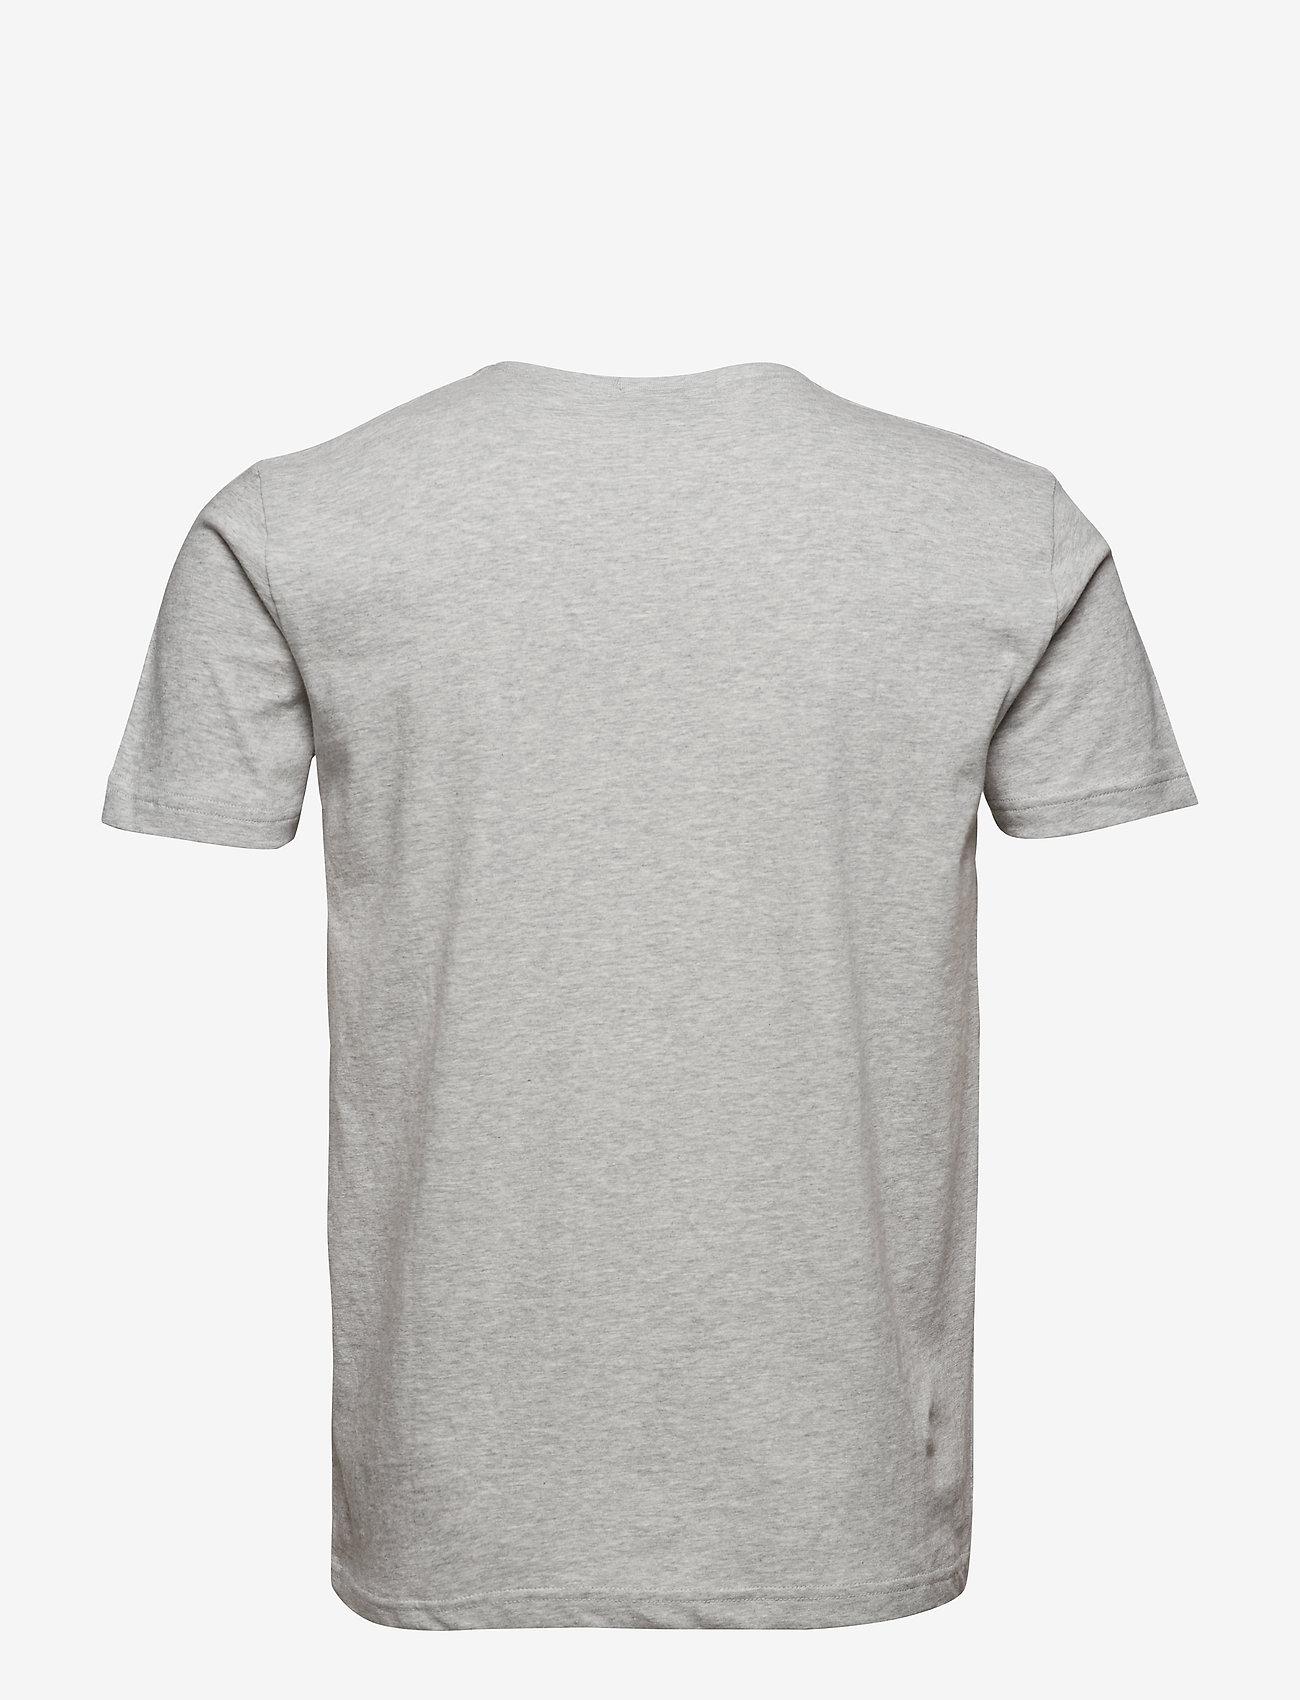 GANT - ORIGINAL SLIM T-SHIRT - basic t-shirts - light grey melange - 1